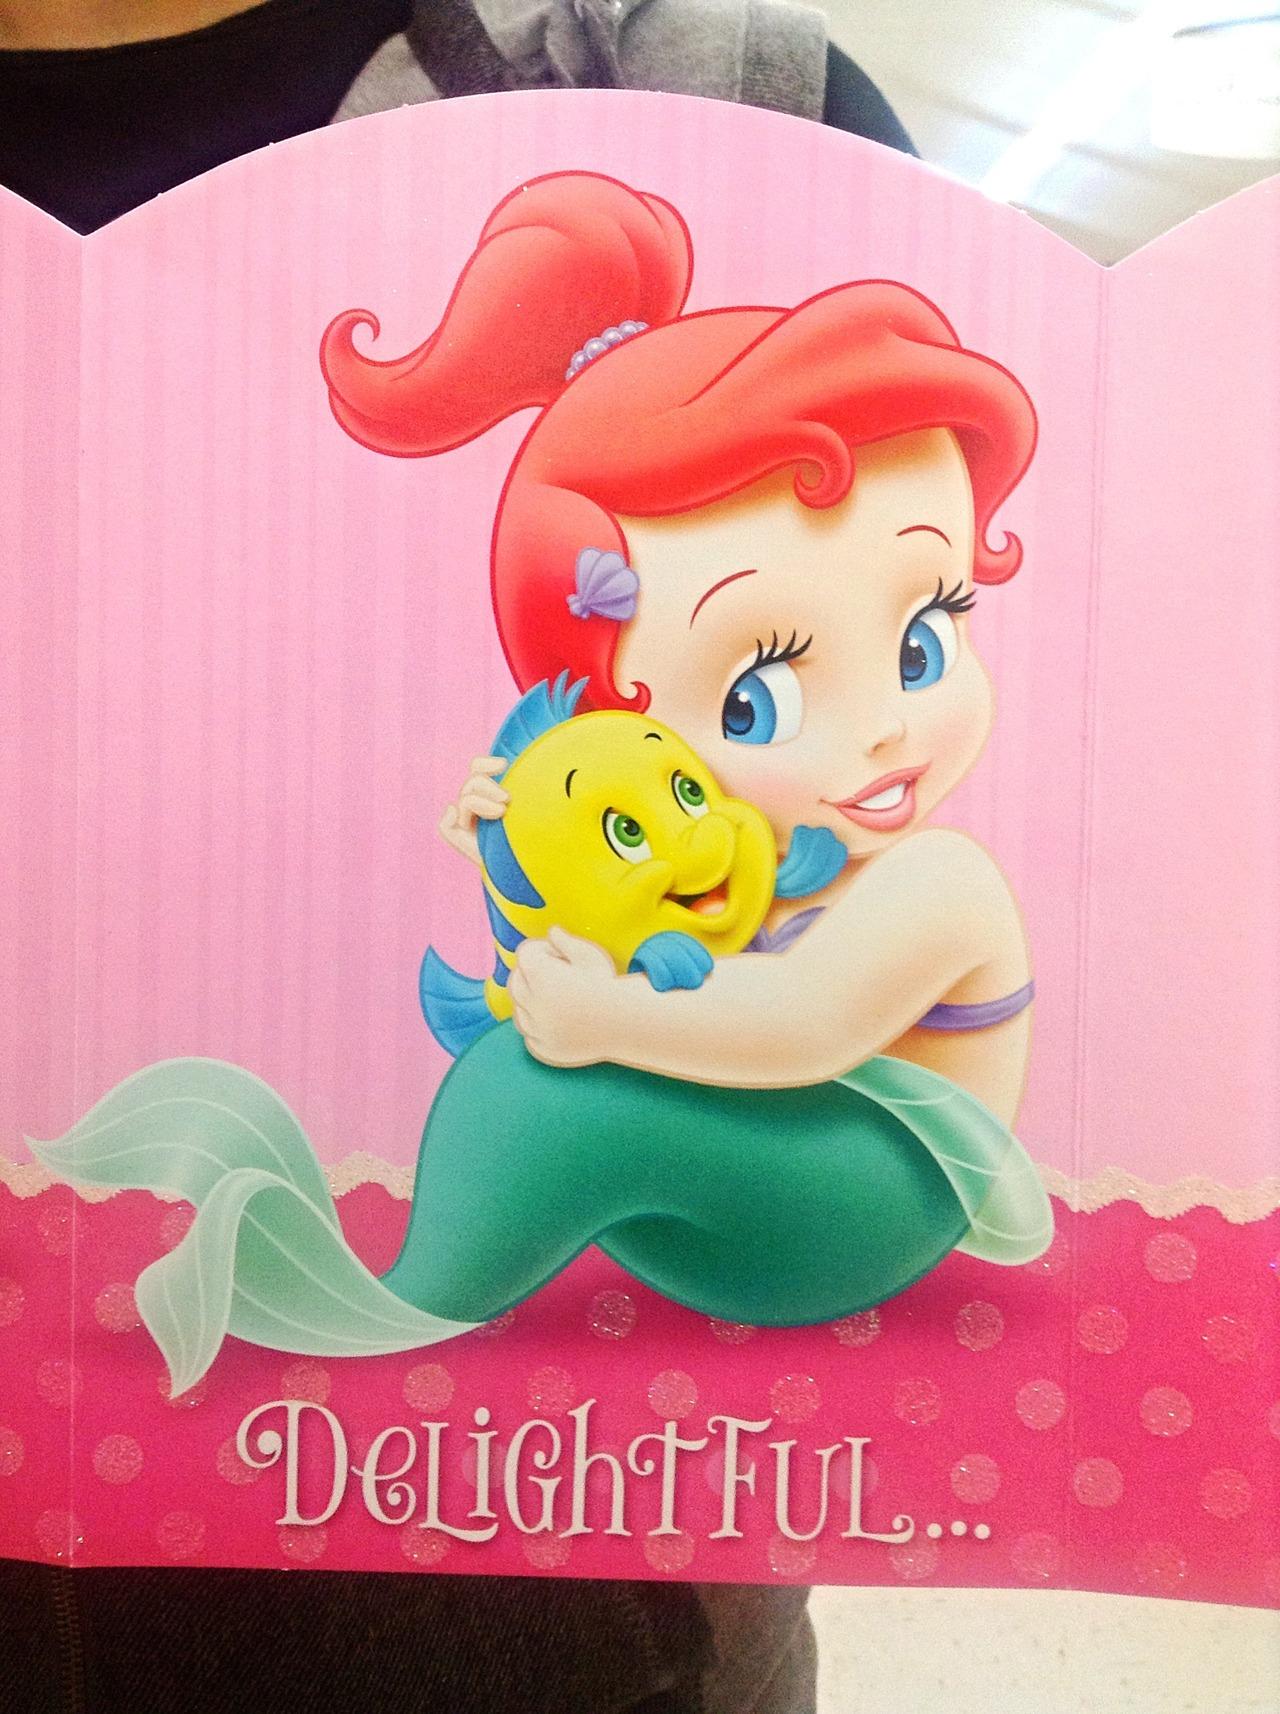 Disney-Princess-Baby-disney-princess-34491486-1280-1714 jpgBaby Disney Princess